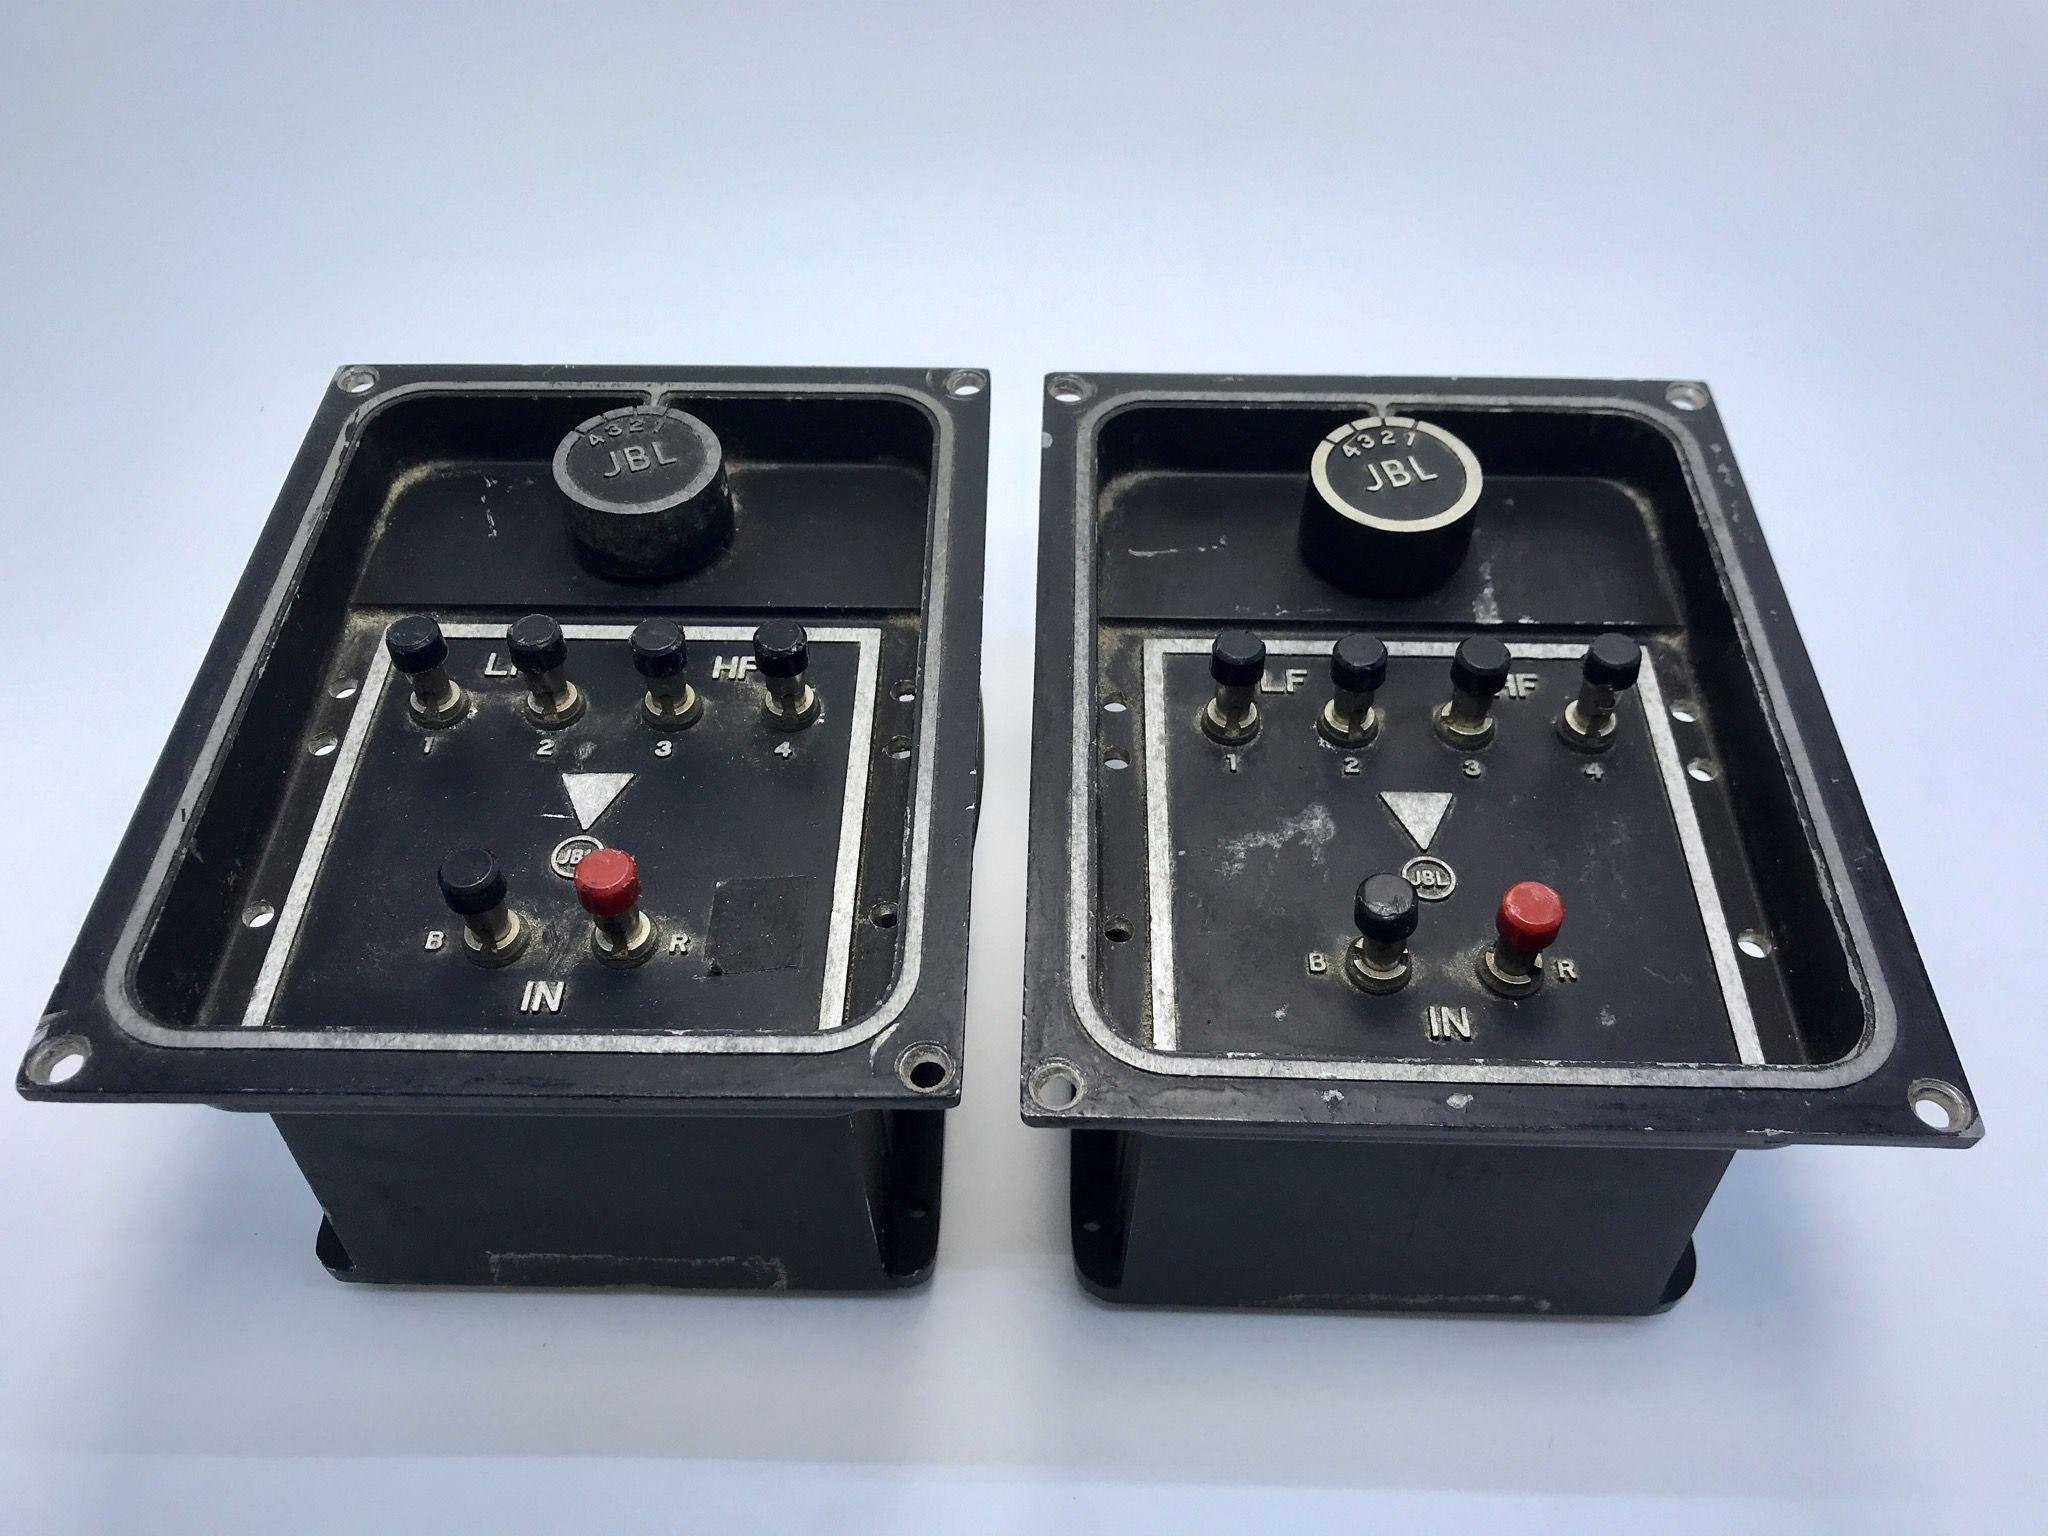 Phân tần JBL N7000 dùng cho JBL LE-85/175 và JBL LE-075/077